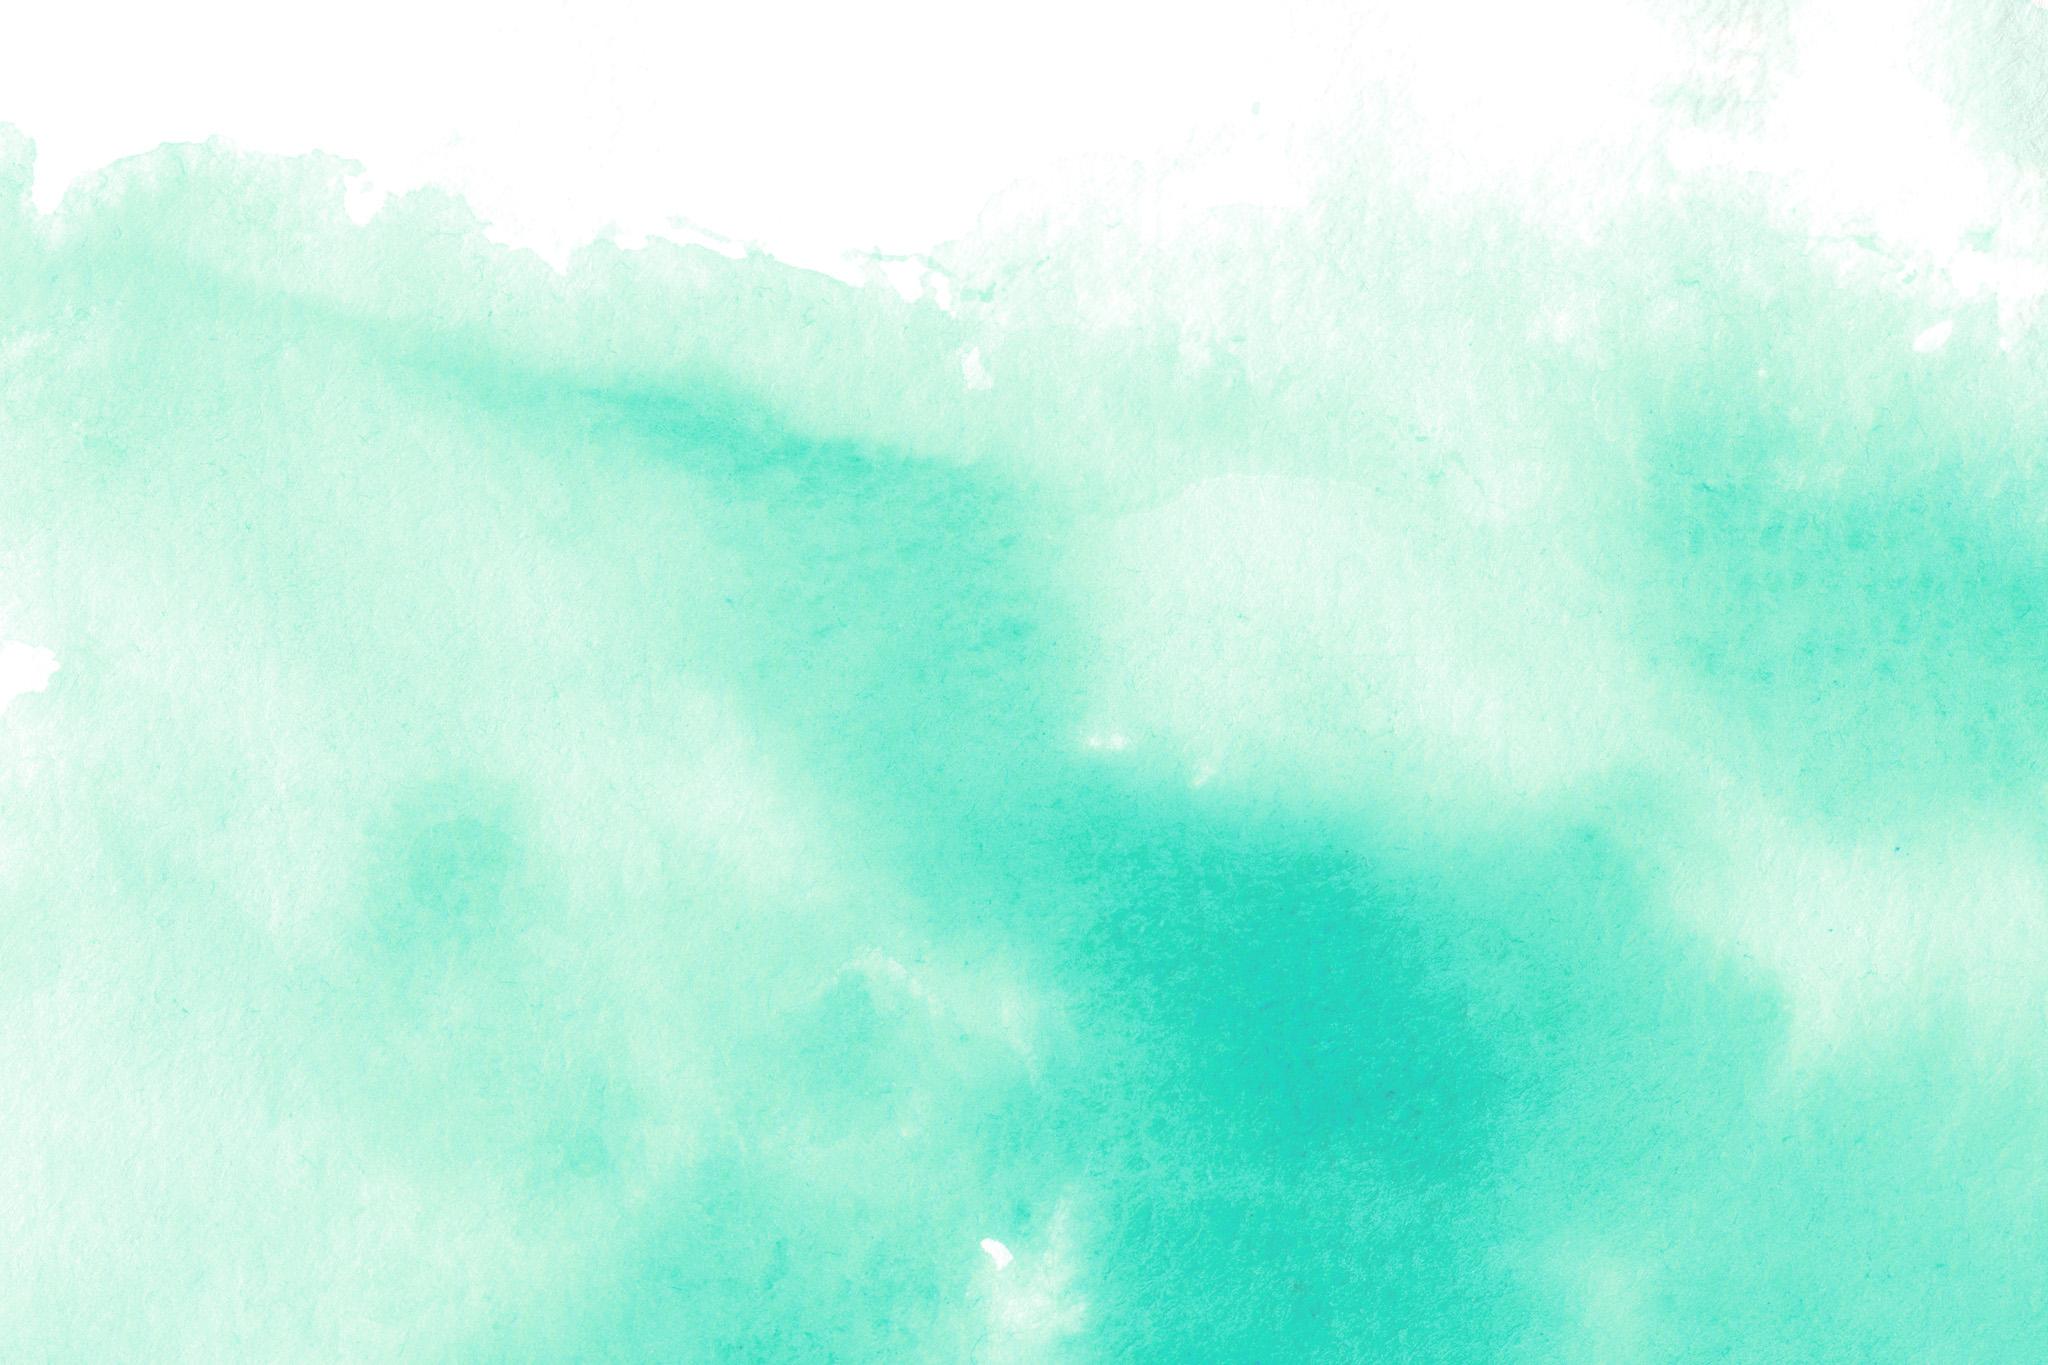 「ナイルブルーの水彩にじみ」